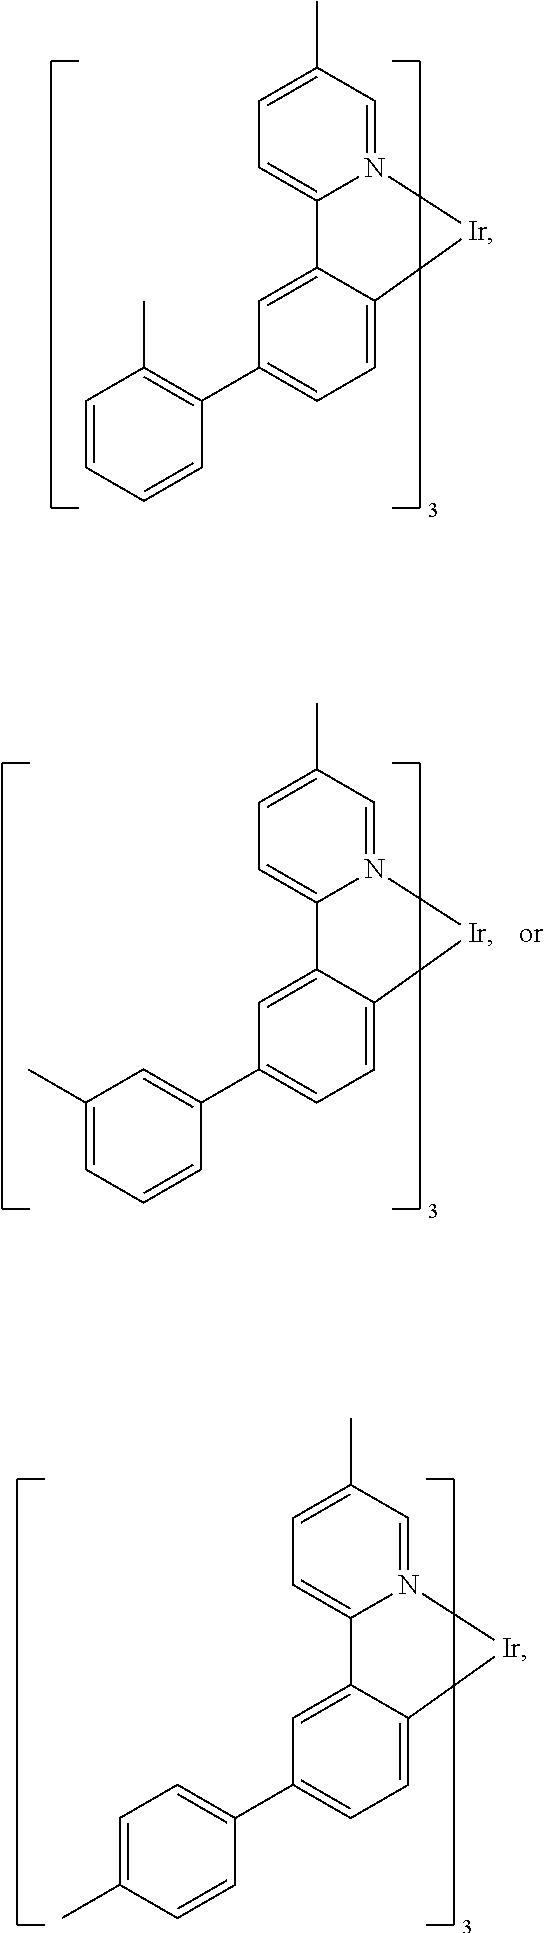 Figure US20110060143A1-20110310-C00027